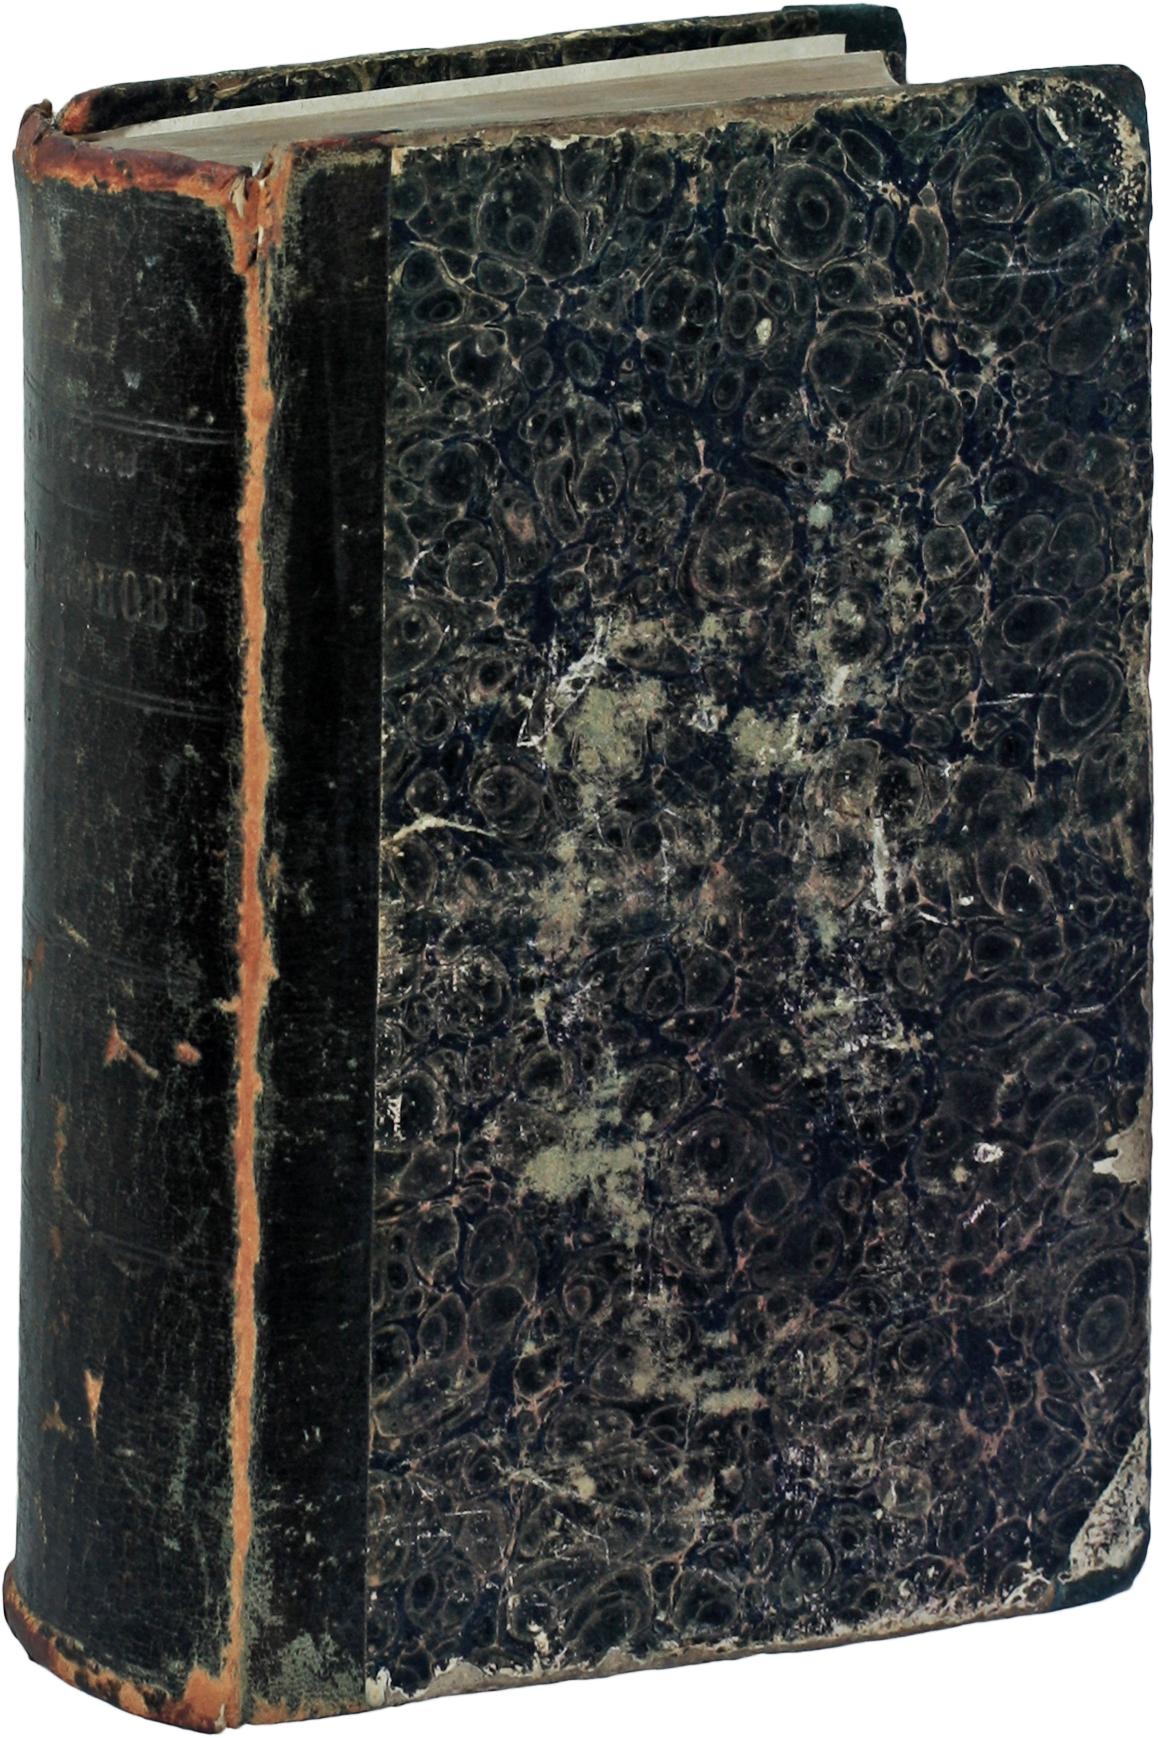 Дух законов. Творение знаменитого французского писателя де Монтескю. В 3 частях (в одной книге)DEN3093Санкт-Петербург, 1862 год.Старинный полукожаный переплет с тиснением на корешке. Сохранность хорошая.Трактат О духе законов (1748) - основной и итоговый труд Ш. Монтескье. Ему философ посвятил около двадцати лет своей жизни. В этой книге Ш. Монтескье обобщил и привел в систему свои философские, социологические, правовые, экономические и исторические взгляды. В ней он сформулировал и обосновал принцип разделения властей, что современники считали важнейшей заслугой ученого. В вопросе о политическом равенстве влияние Монтескье видится почти исключительным. Он был первым и самым крупным провозвестником свободы и разума.Книга Монтескье сыграла определяющую роль в формировании законодательства революционной Франции, на его идеи опирались и убежденные республиканцы, и приверженцы ограниченной монархии. Все политические силы находили что-то свое во взглядах философа и предлагали разнообразные пути их интерпретации и практического использования.Теория Монтескье повлияла на законодательства многих стран, демократических и не только. В России трактат О духе законов впервые был издан в 1775 г.Не подлежит вывозу за пределы Российской Федерации.